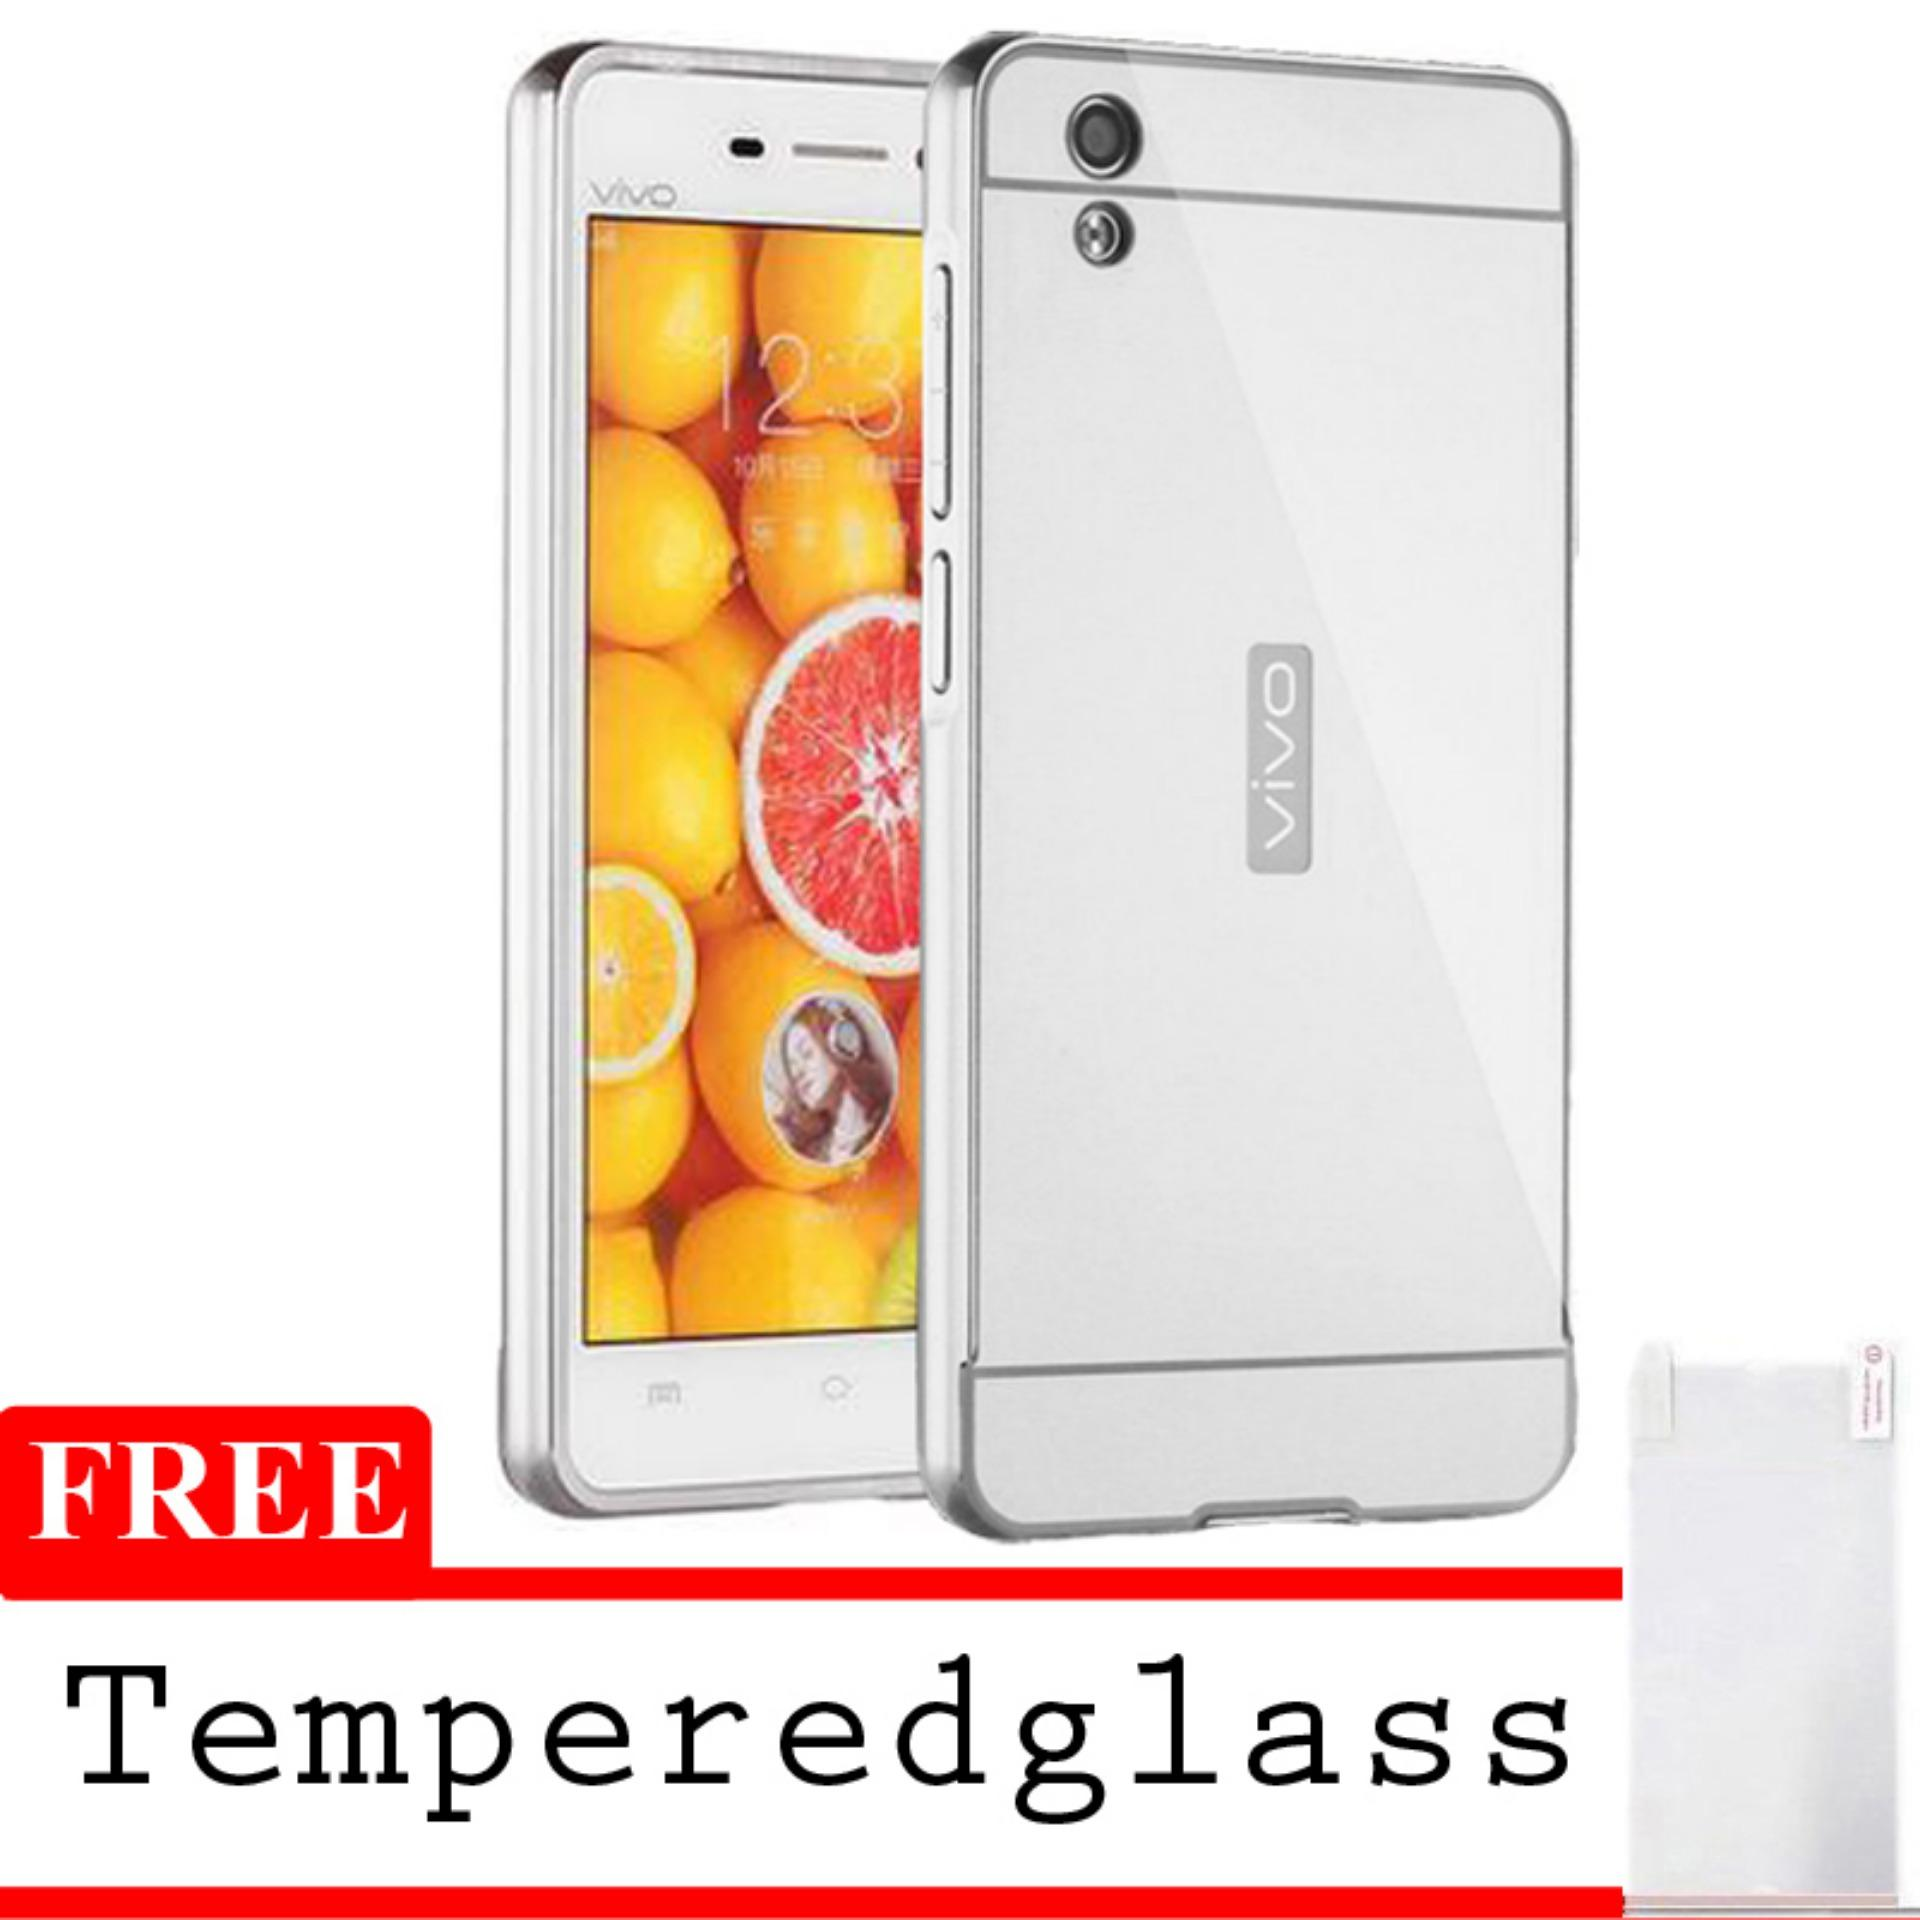 ... X Case Mirror Aluminium Bumper For Vivo Y15 Free Tempered Glass - Silver ...